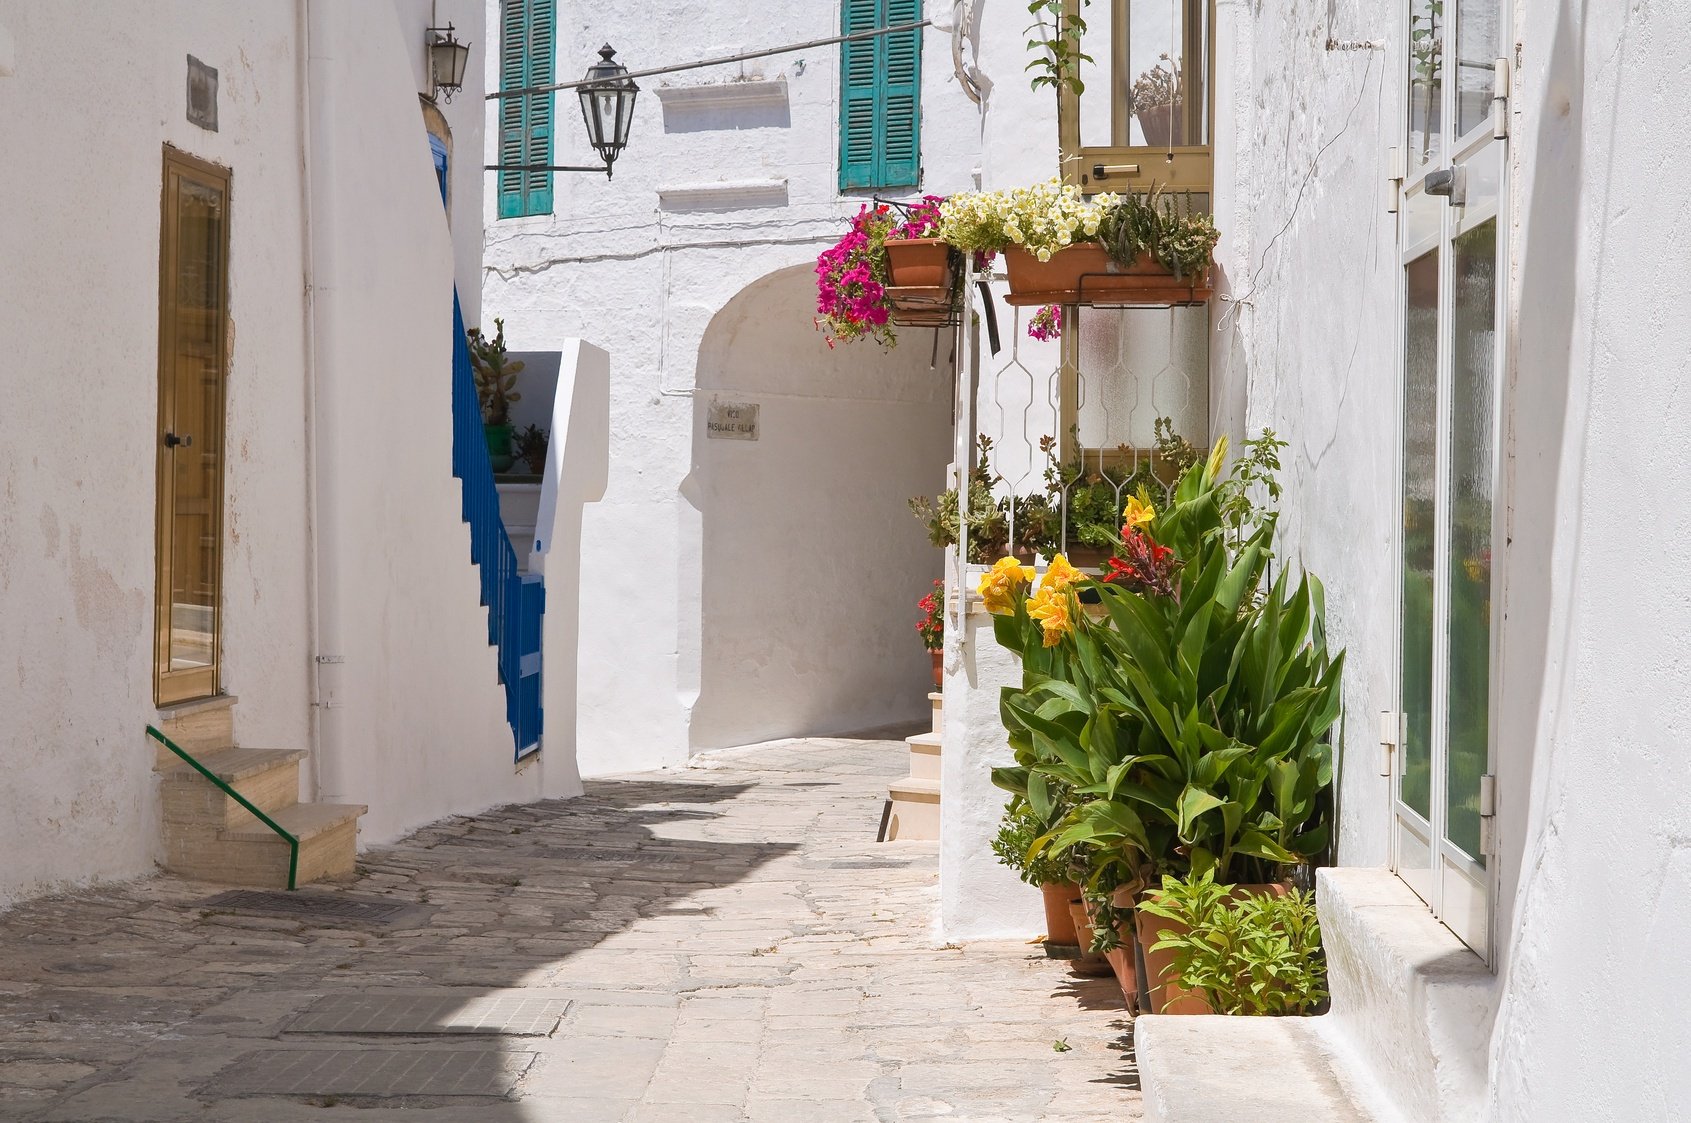 Alley_in_Ostuni_Puglia.jpg